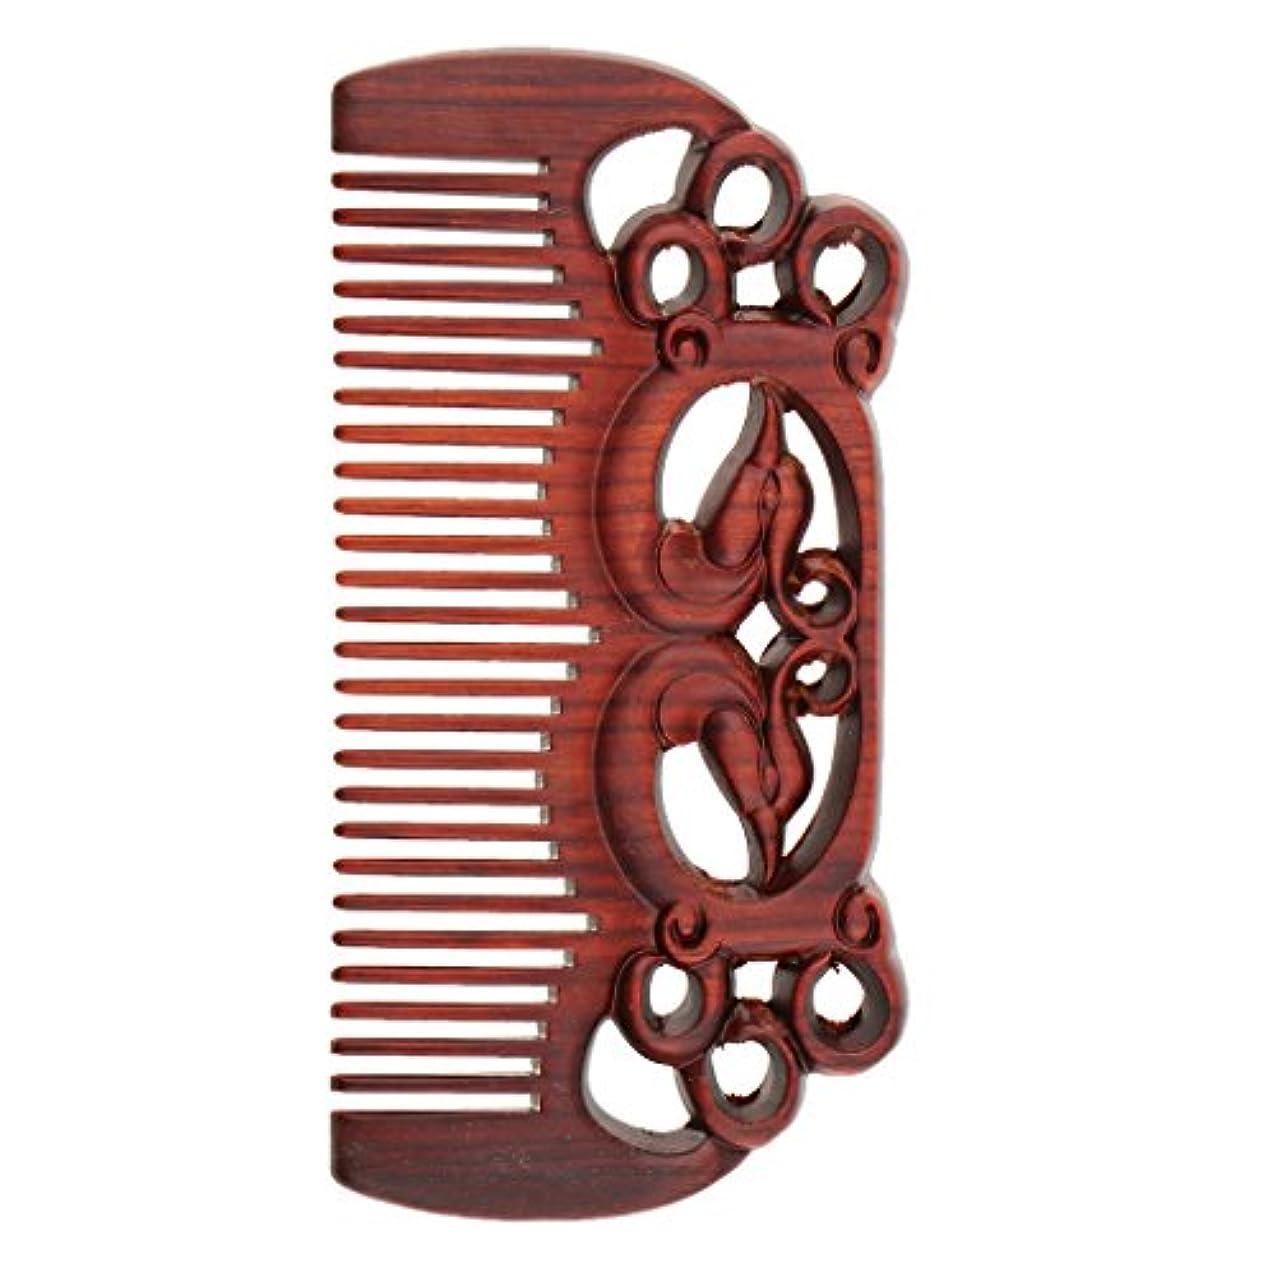 トロイの木馬作りピボットPerfeclan ウッドコーム 天然木製 高品質 木製櫛 ワイド歯 ヘアブラシ ヘアスタイリング ヘアコーム 2タイプ選べる - #1